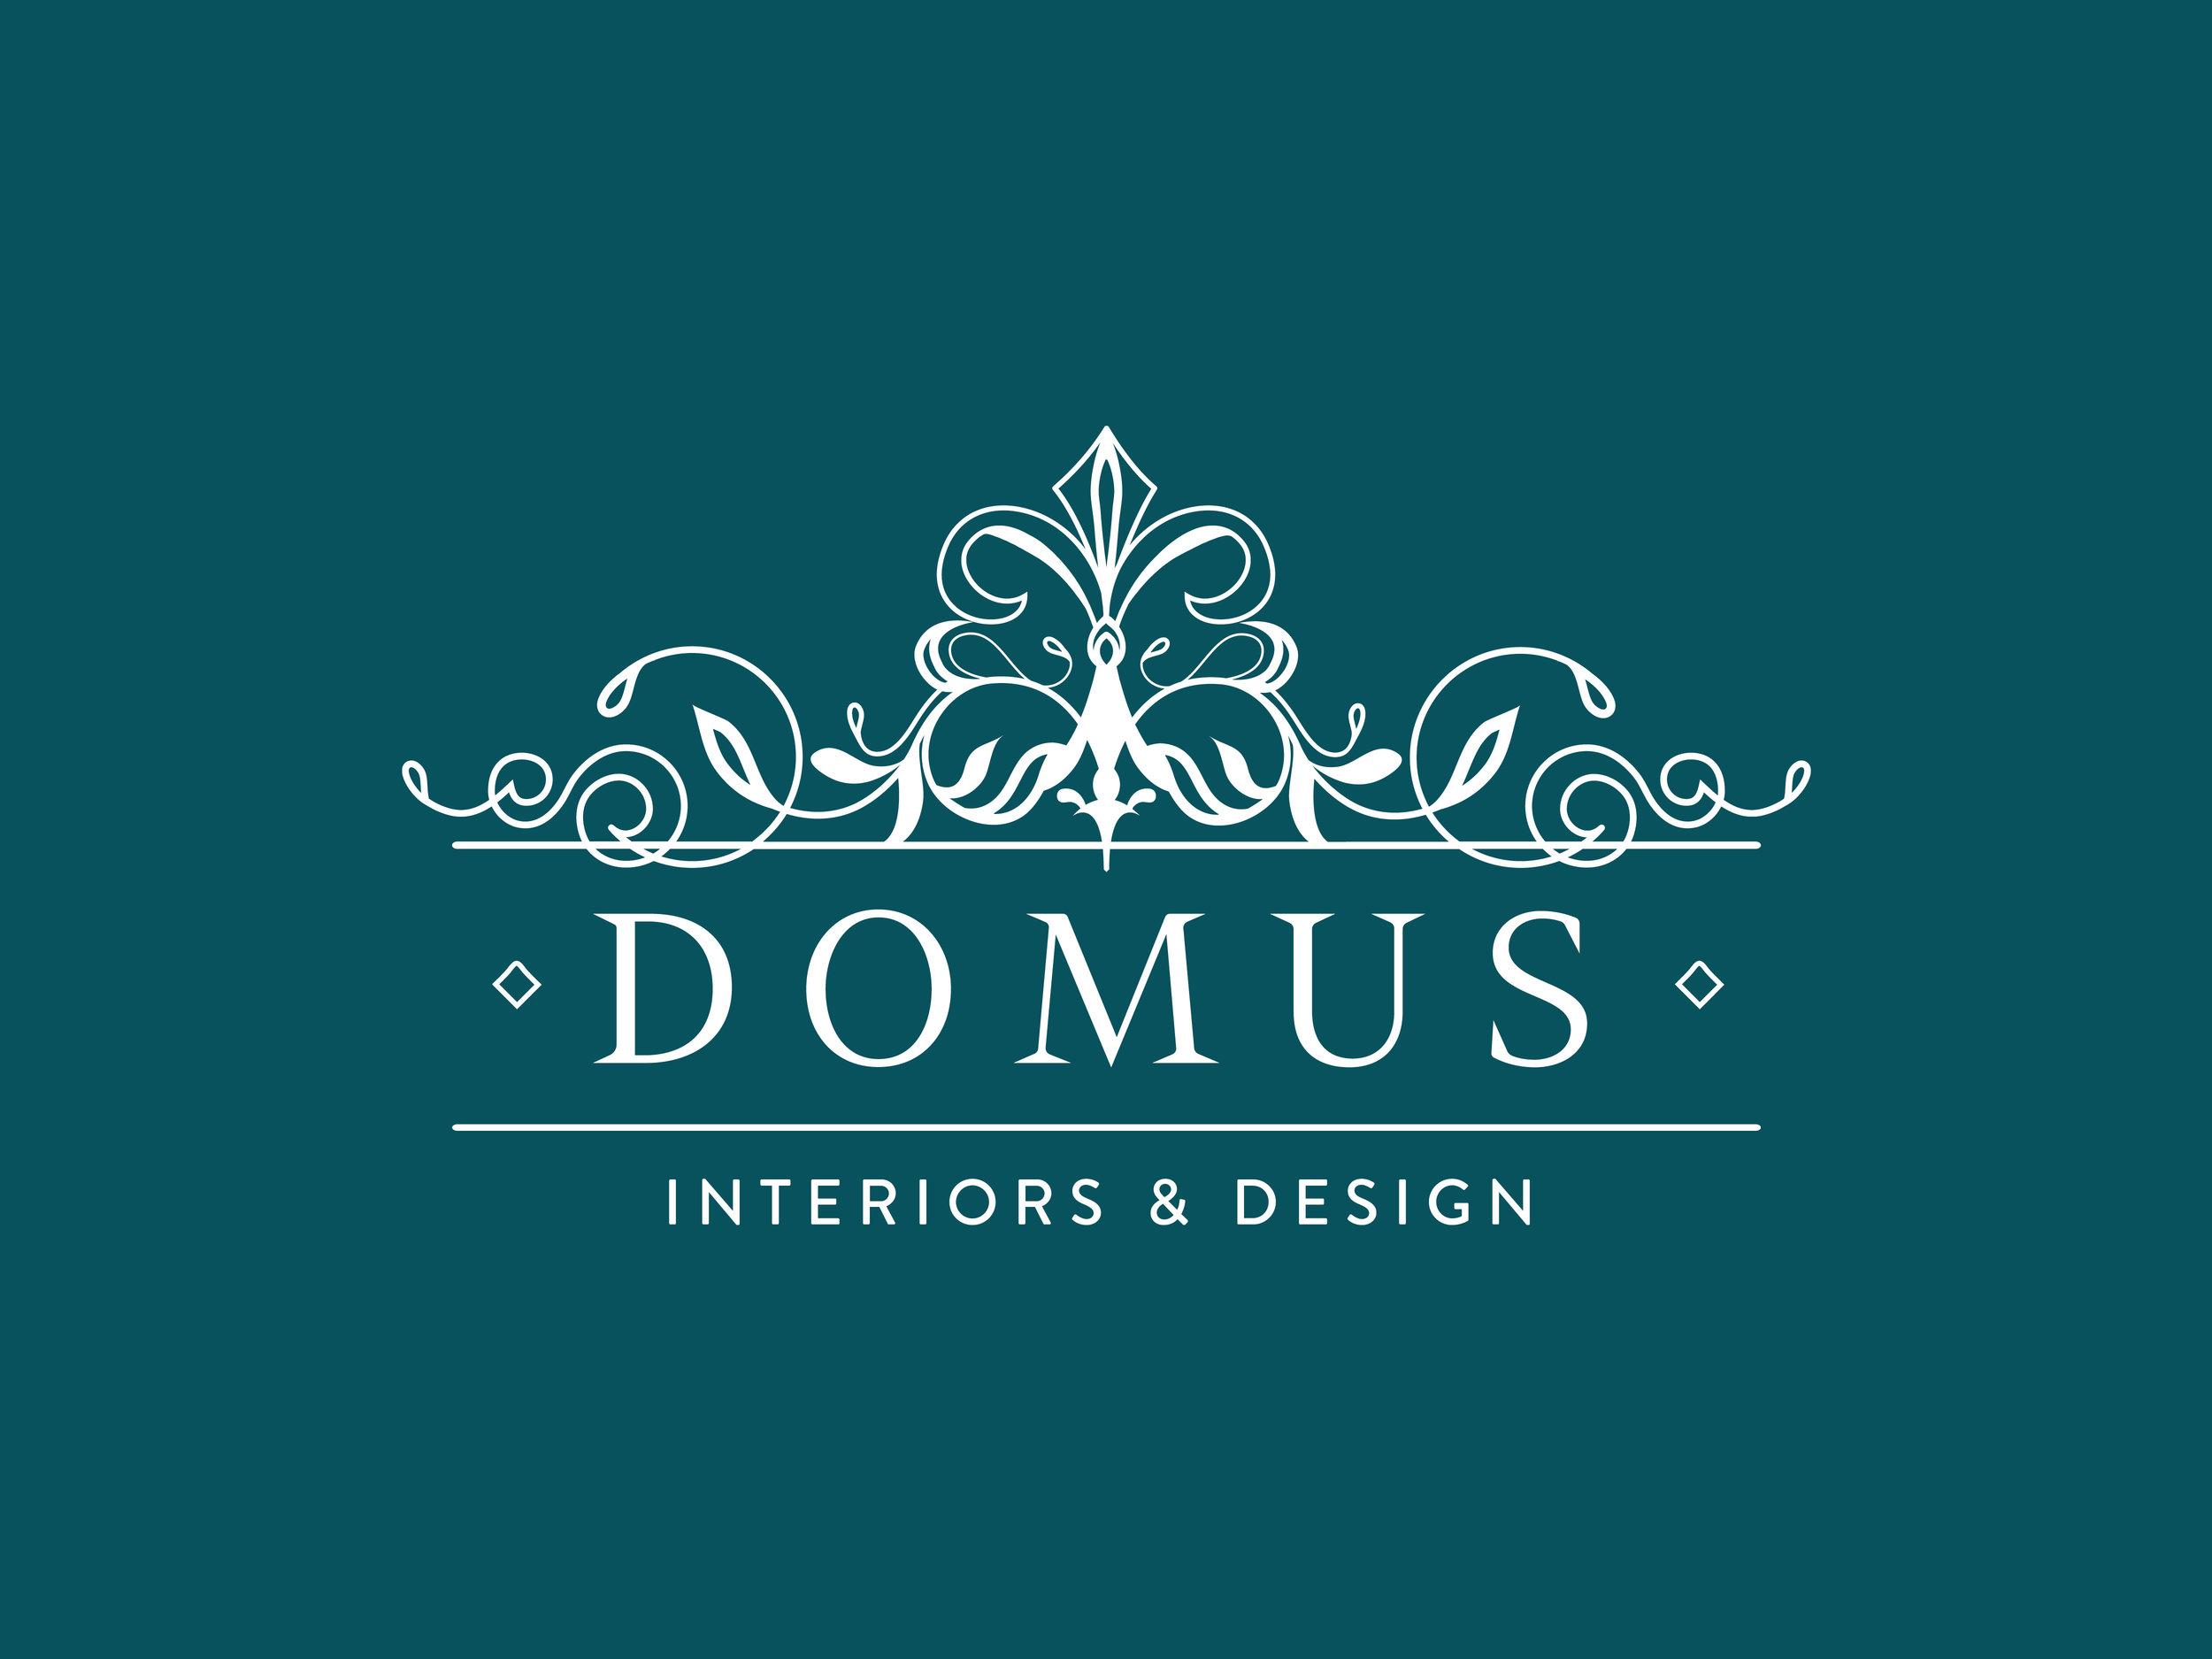 Domus Interiors & Design